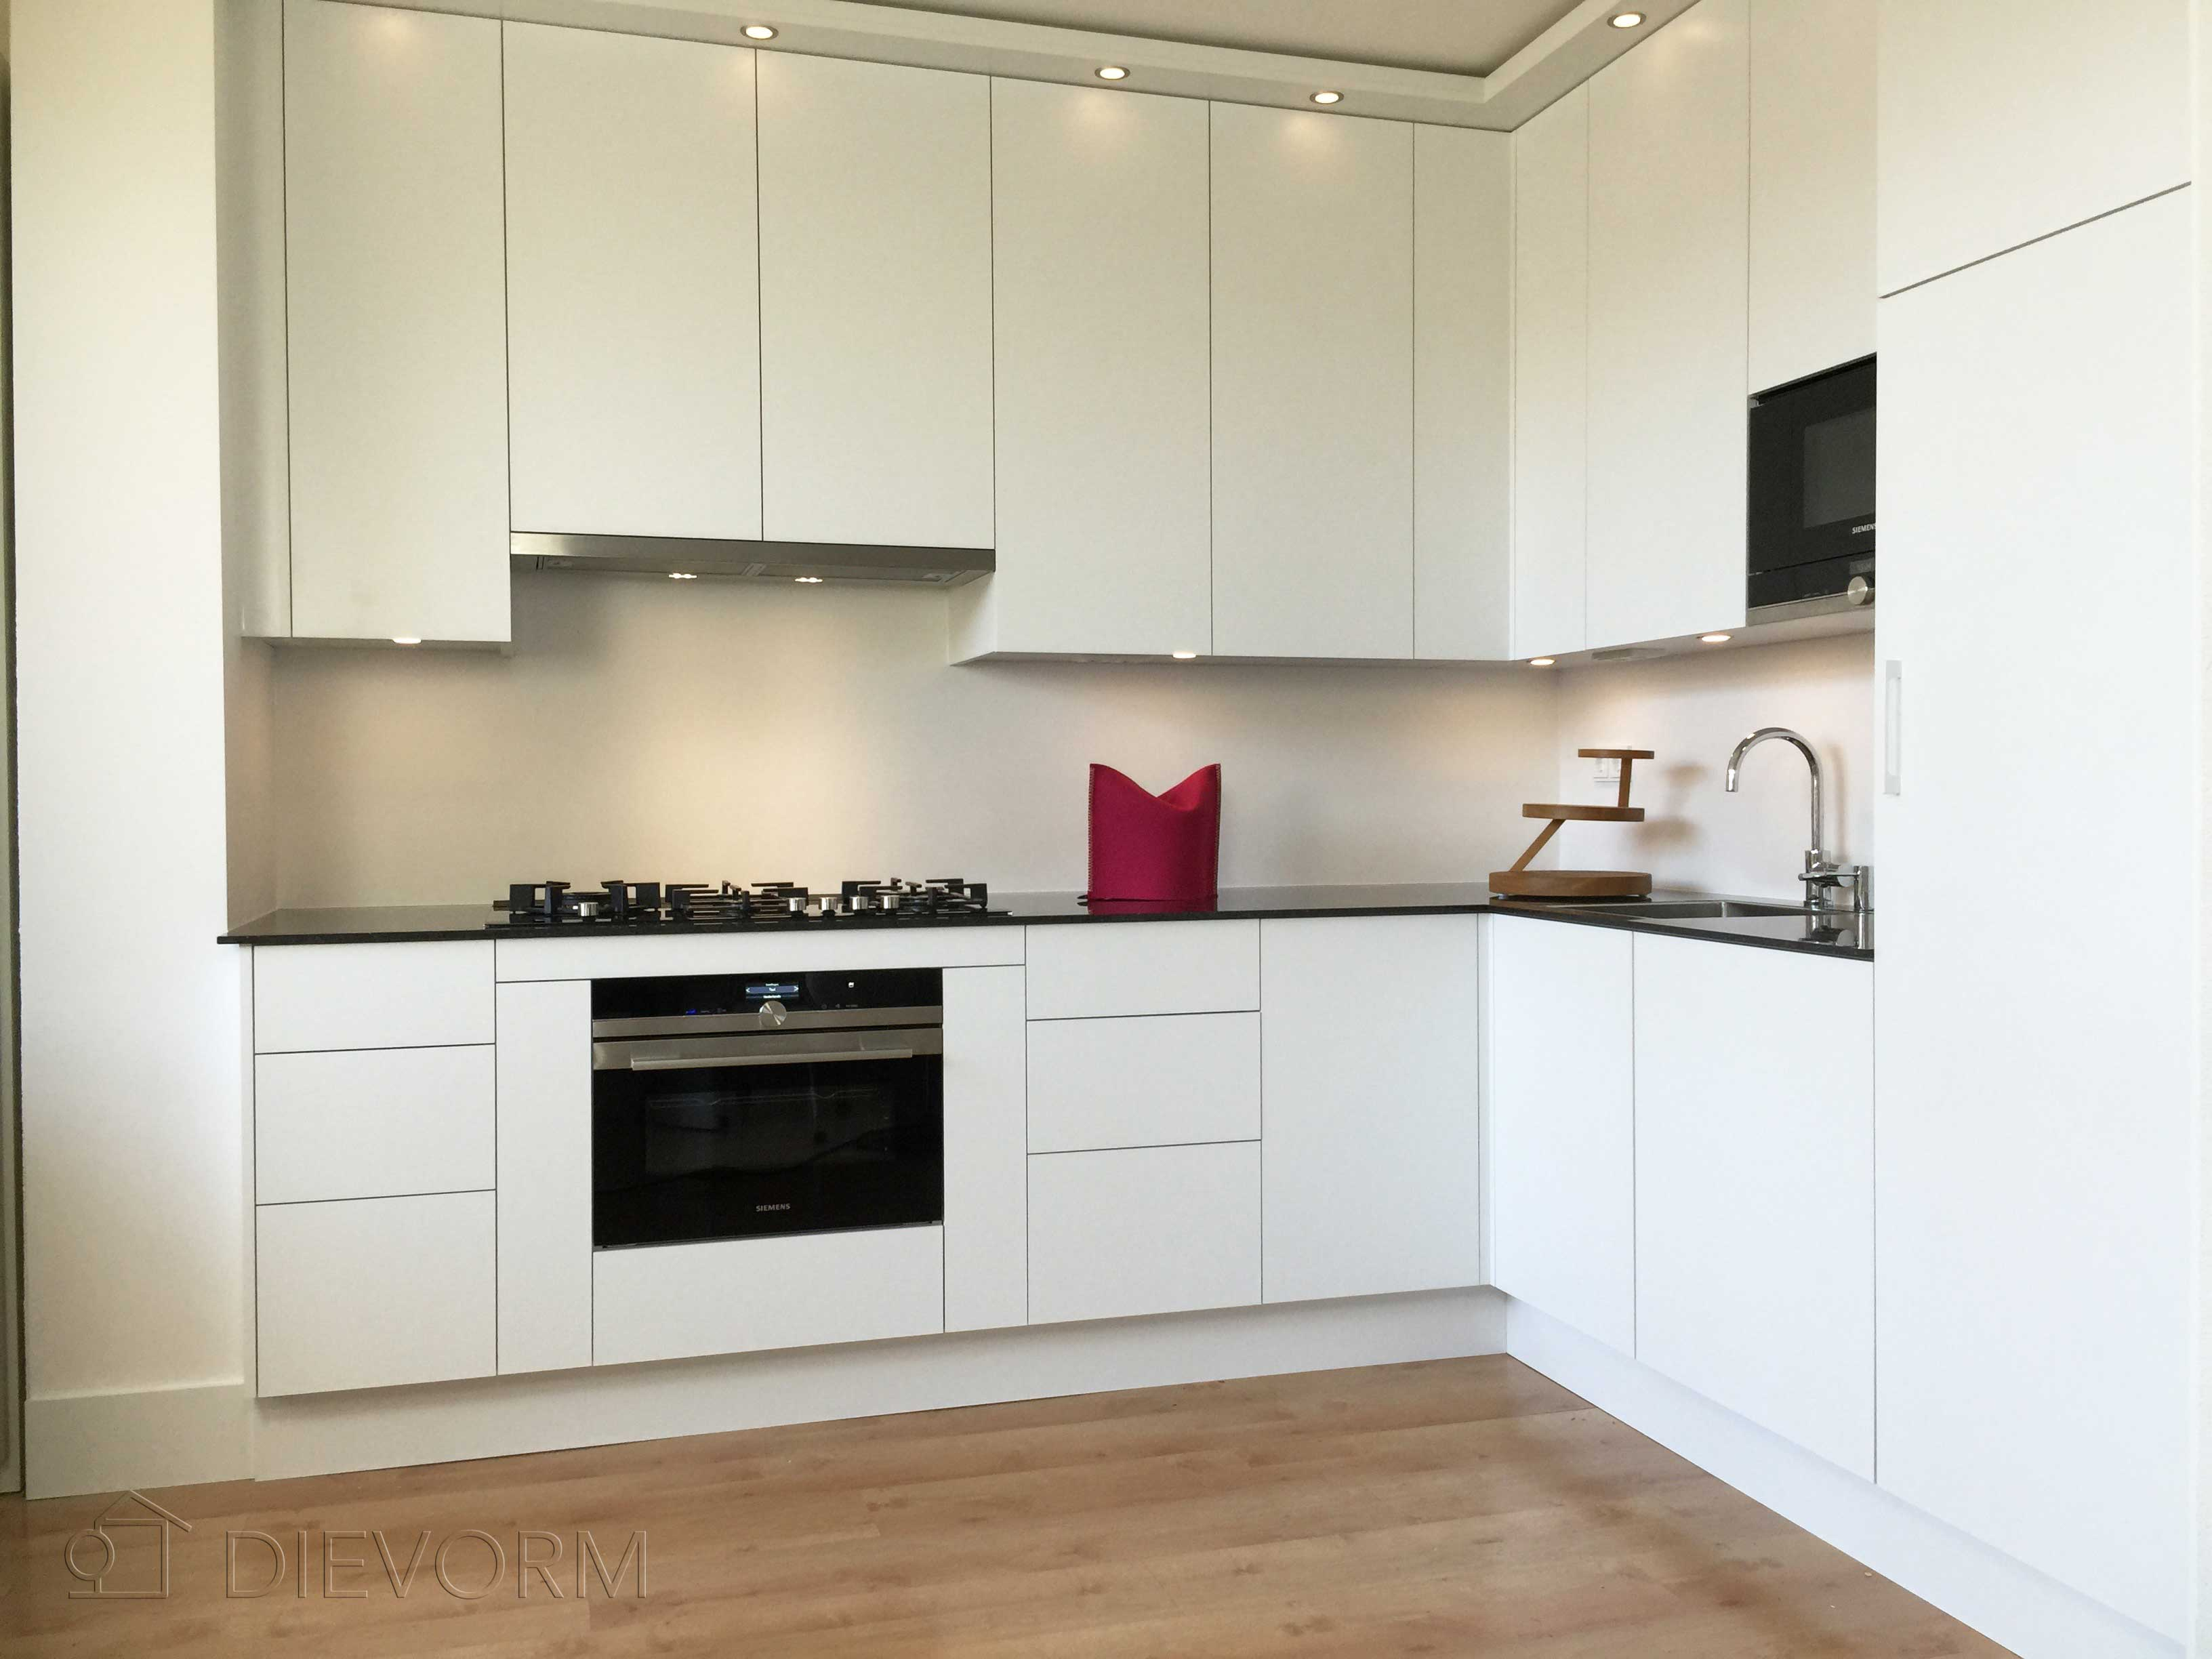 Design hoek keukens   mijn keukens op maat laten maken